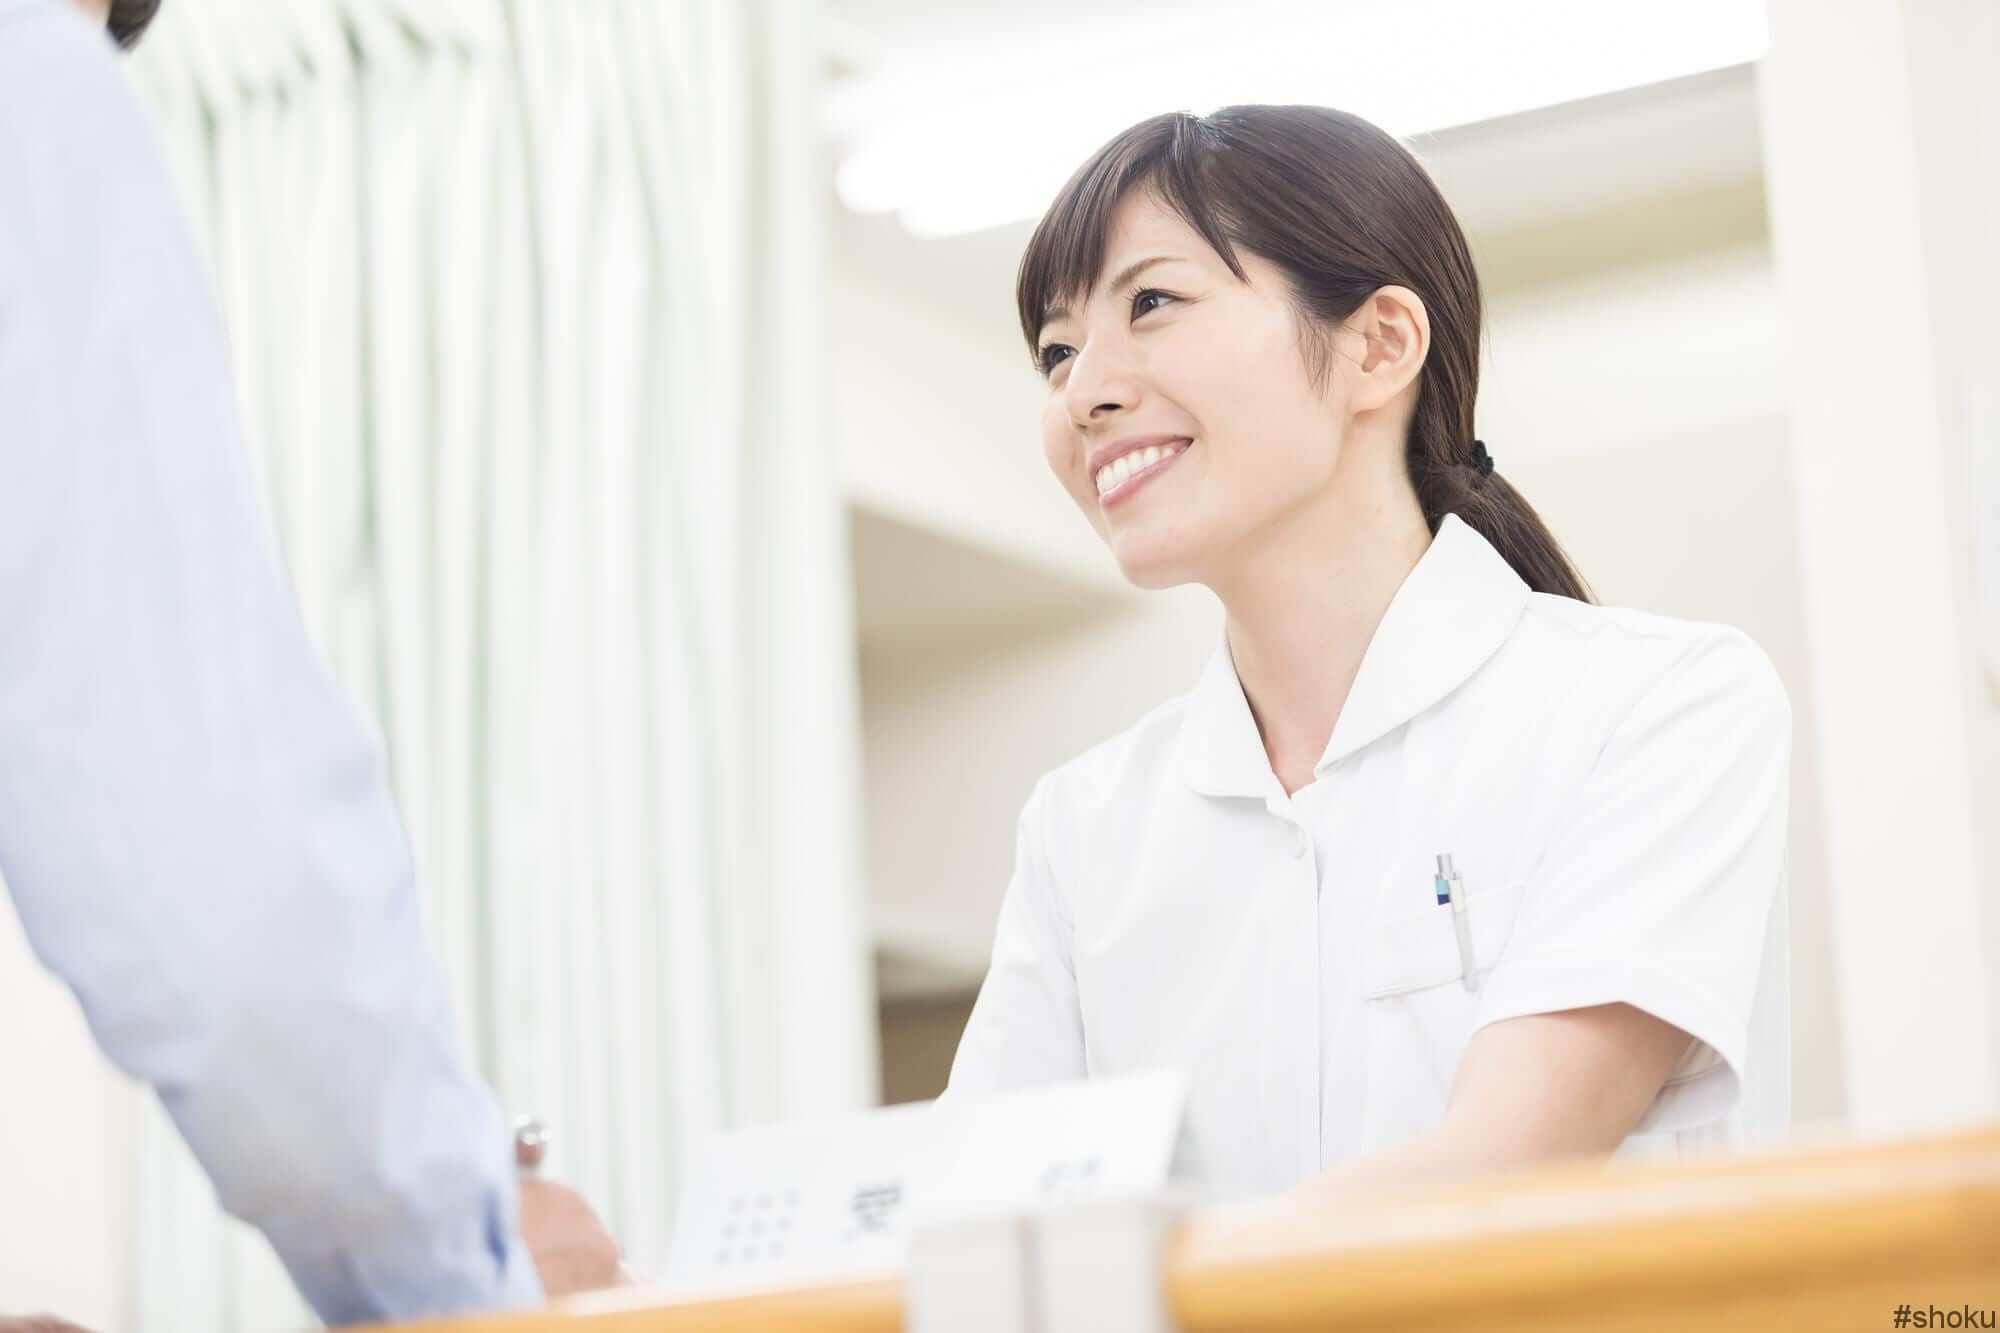 医療事務で生き生きと働く女性